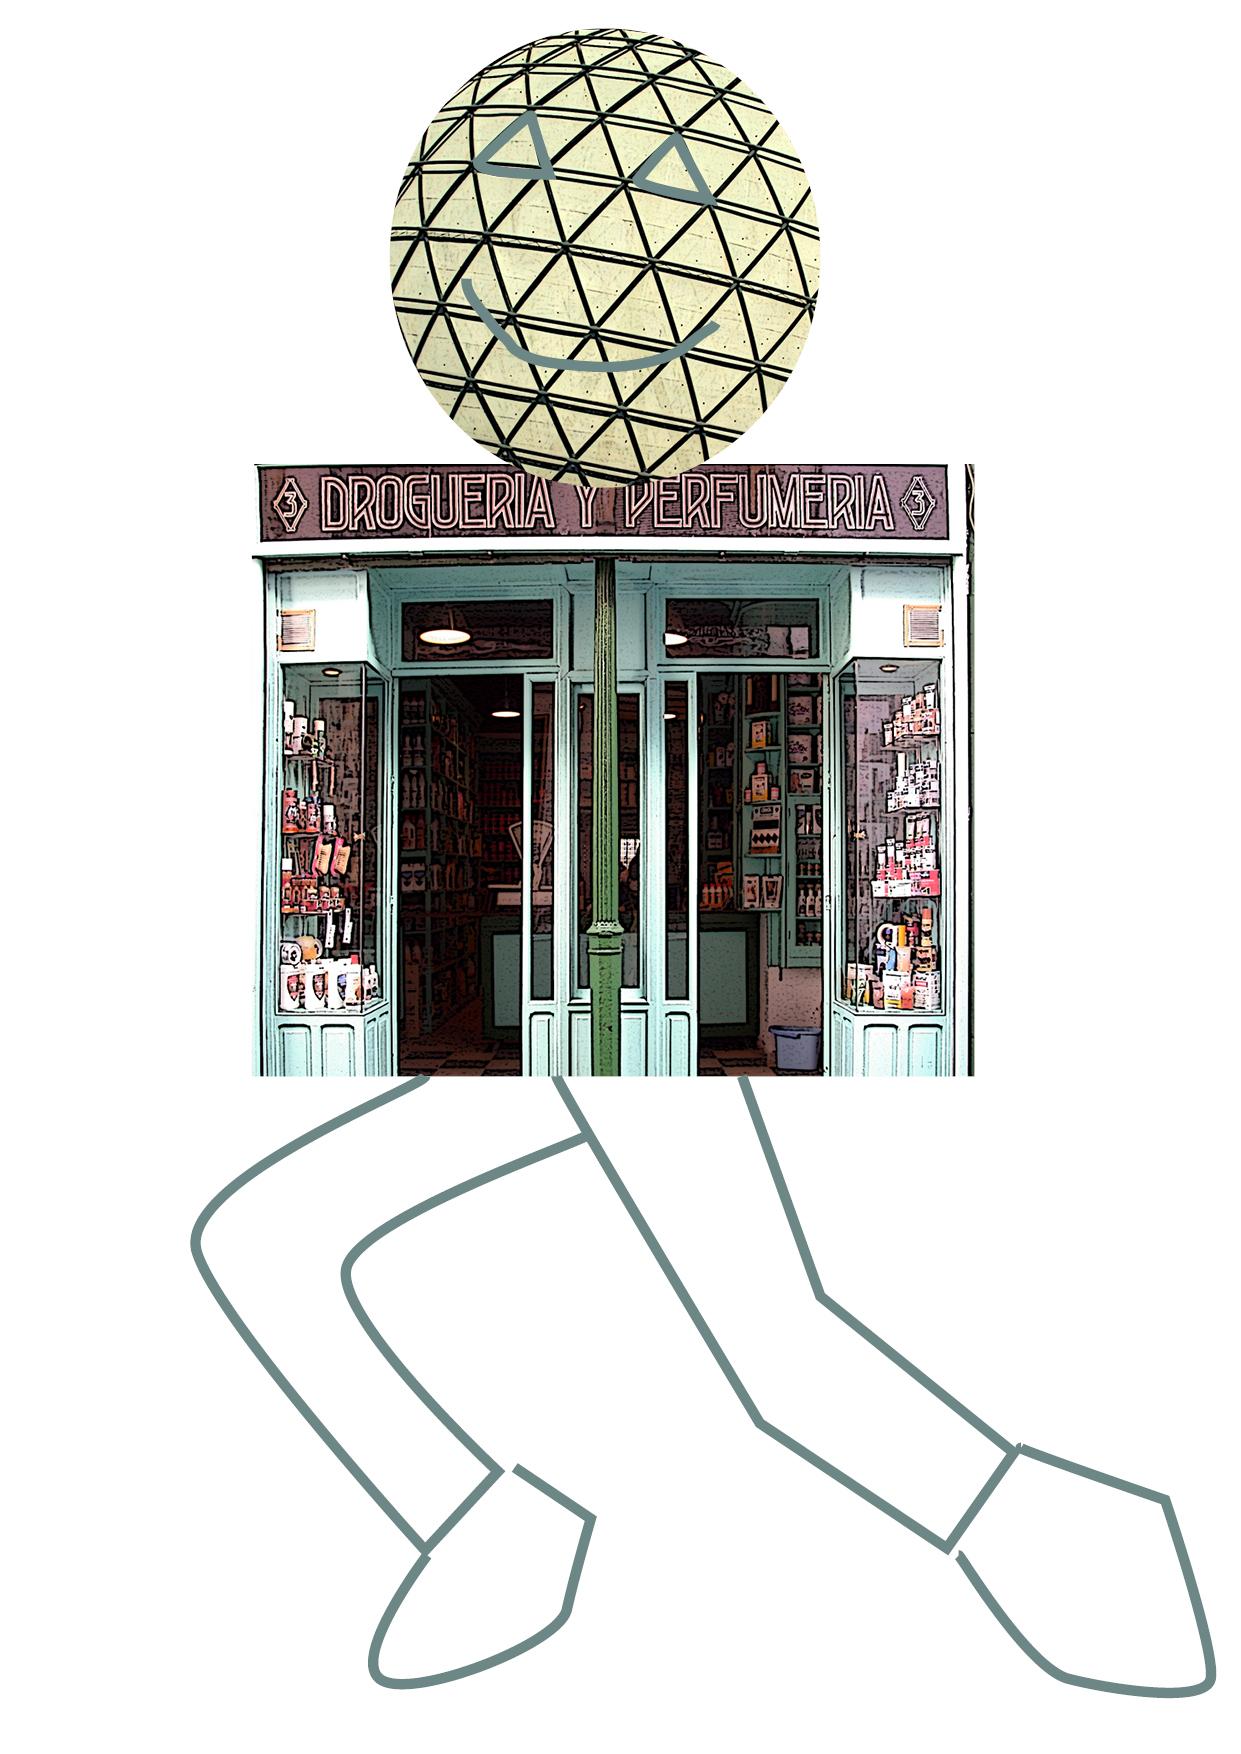 tienda con piernas